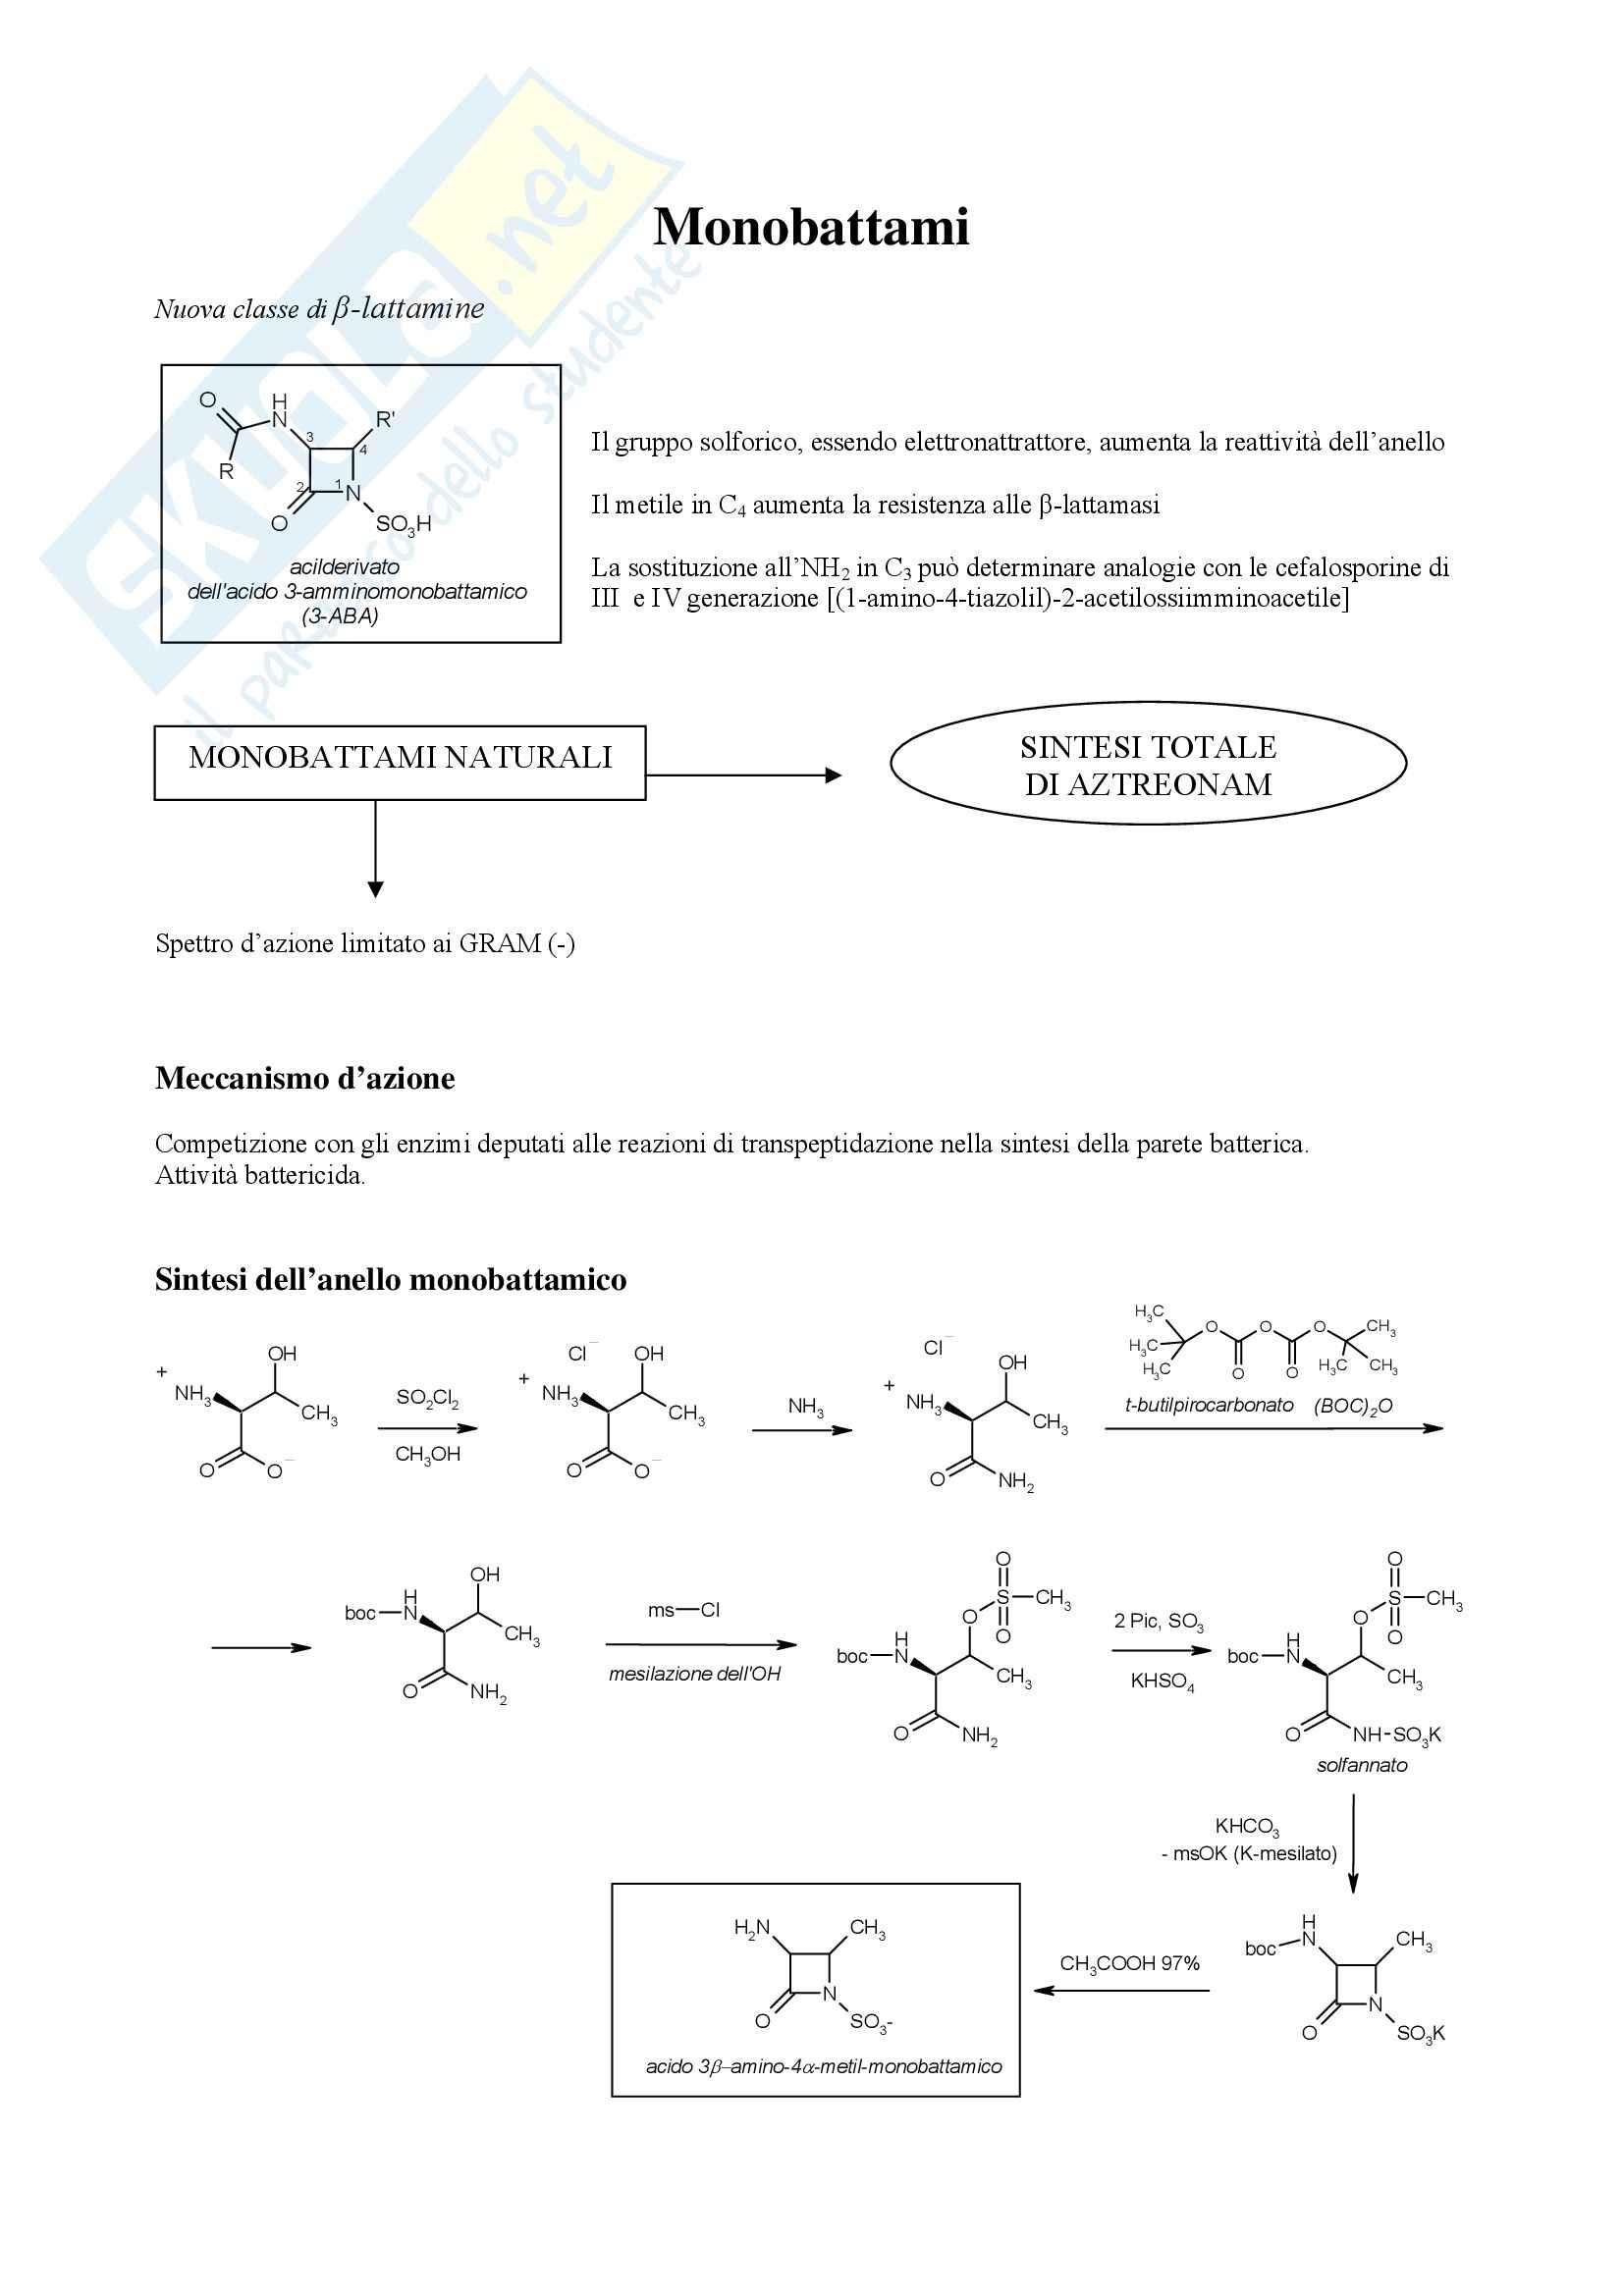 Chimica farmaceutica e tossicologica - monobattami